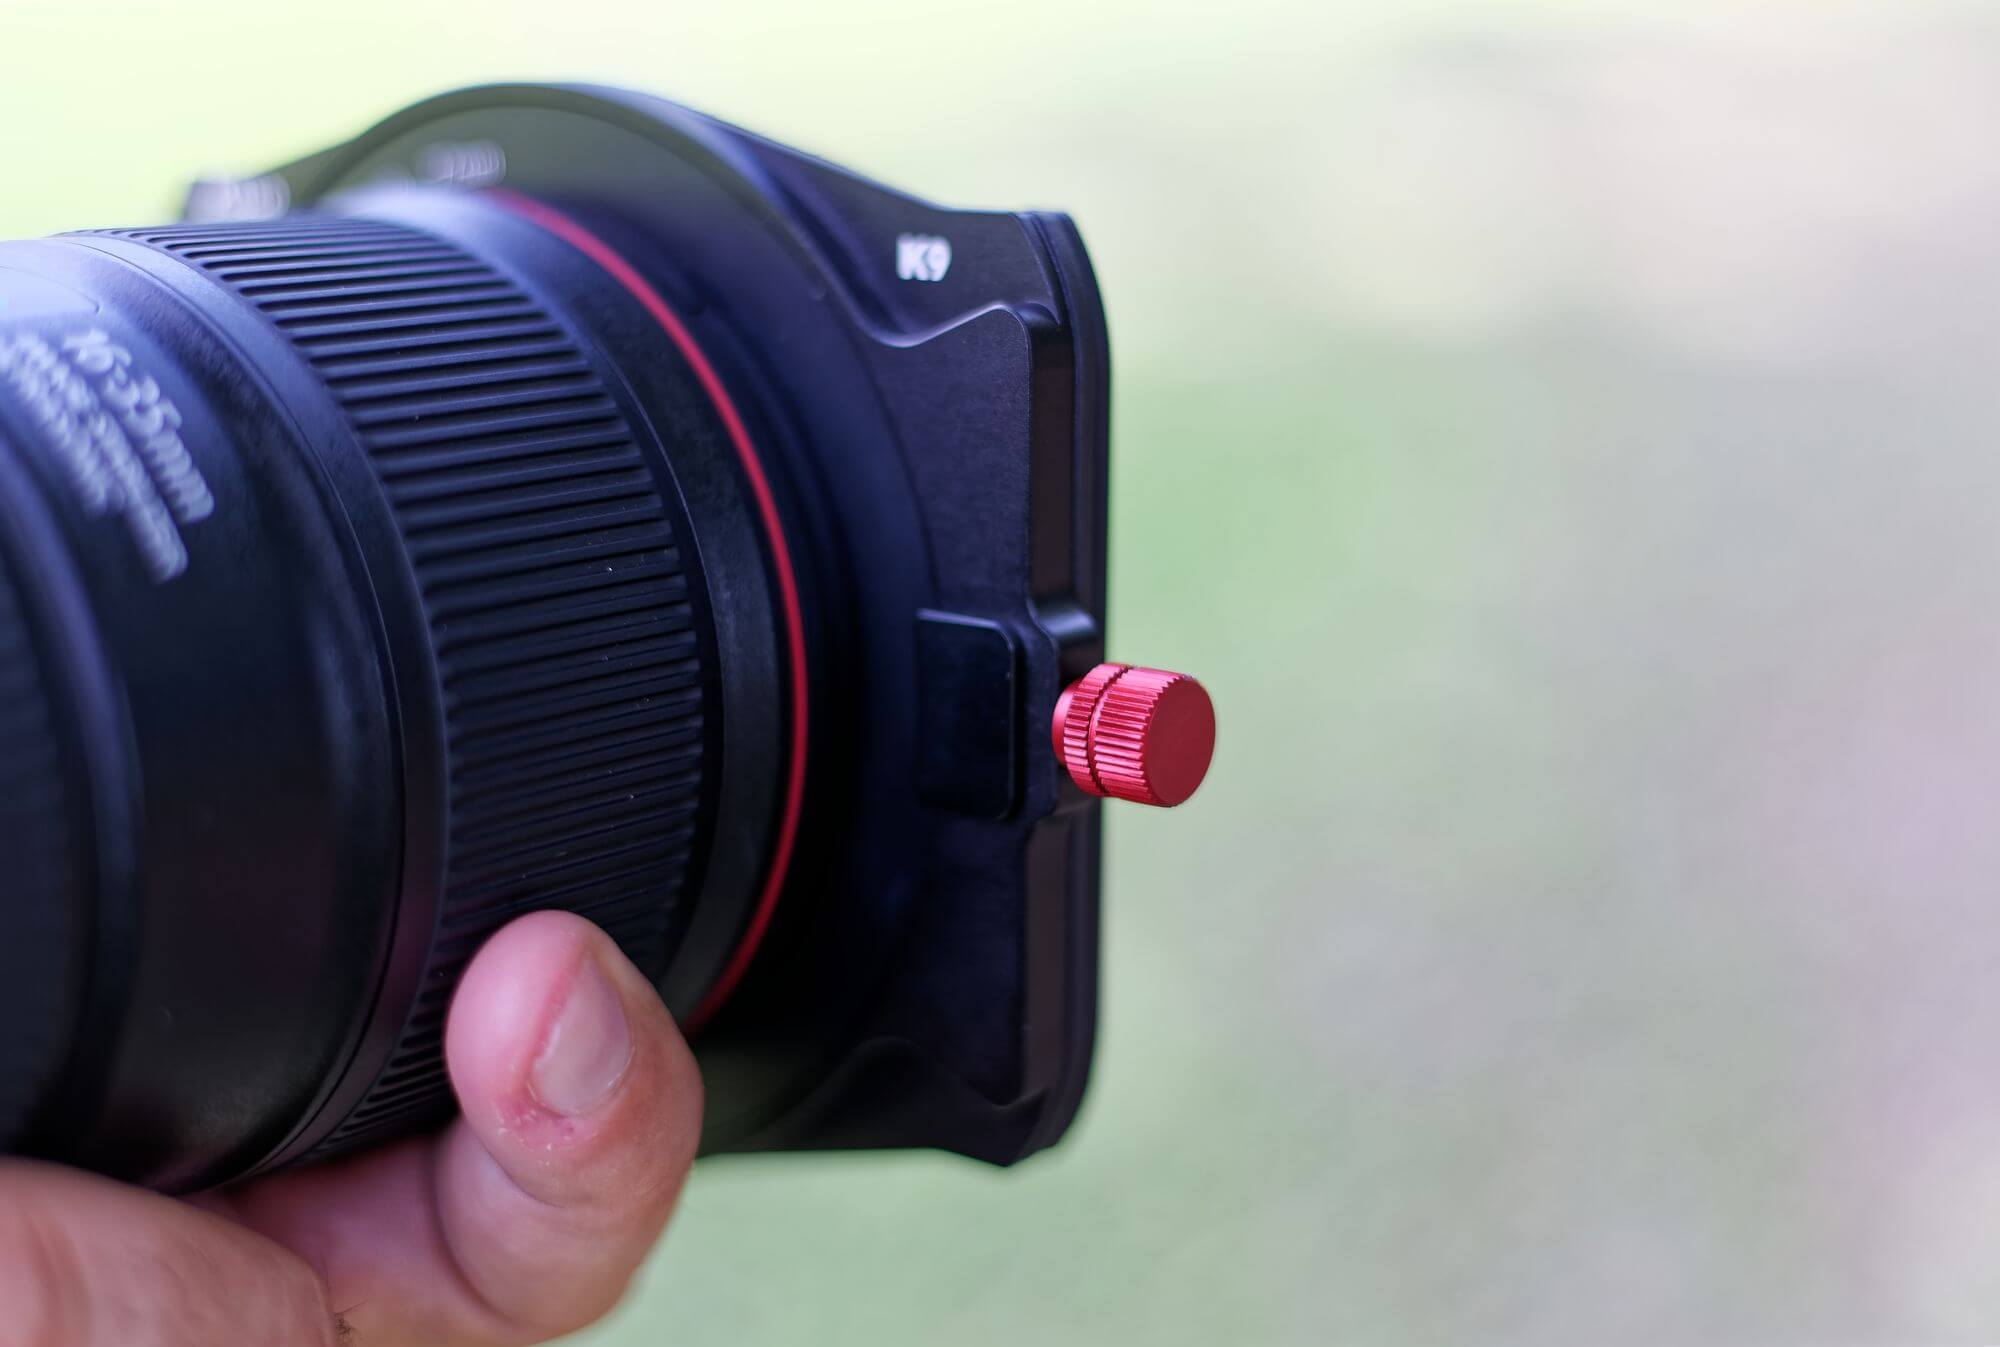 porte filtre kase et molette réglage